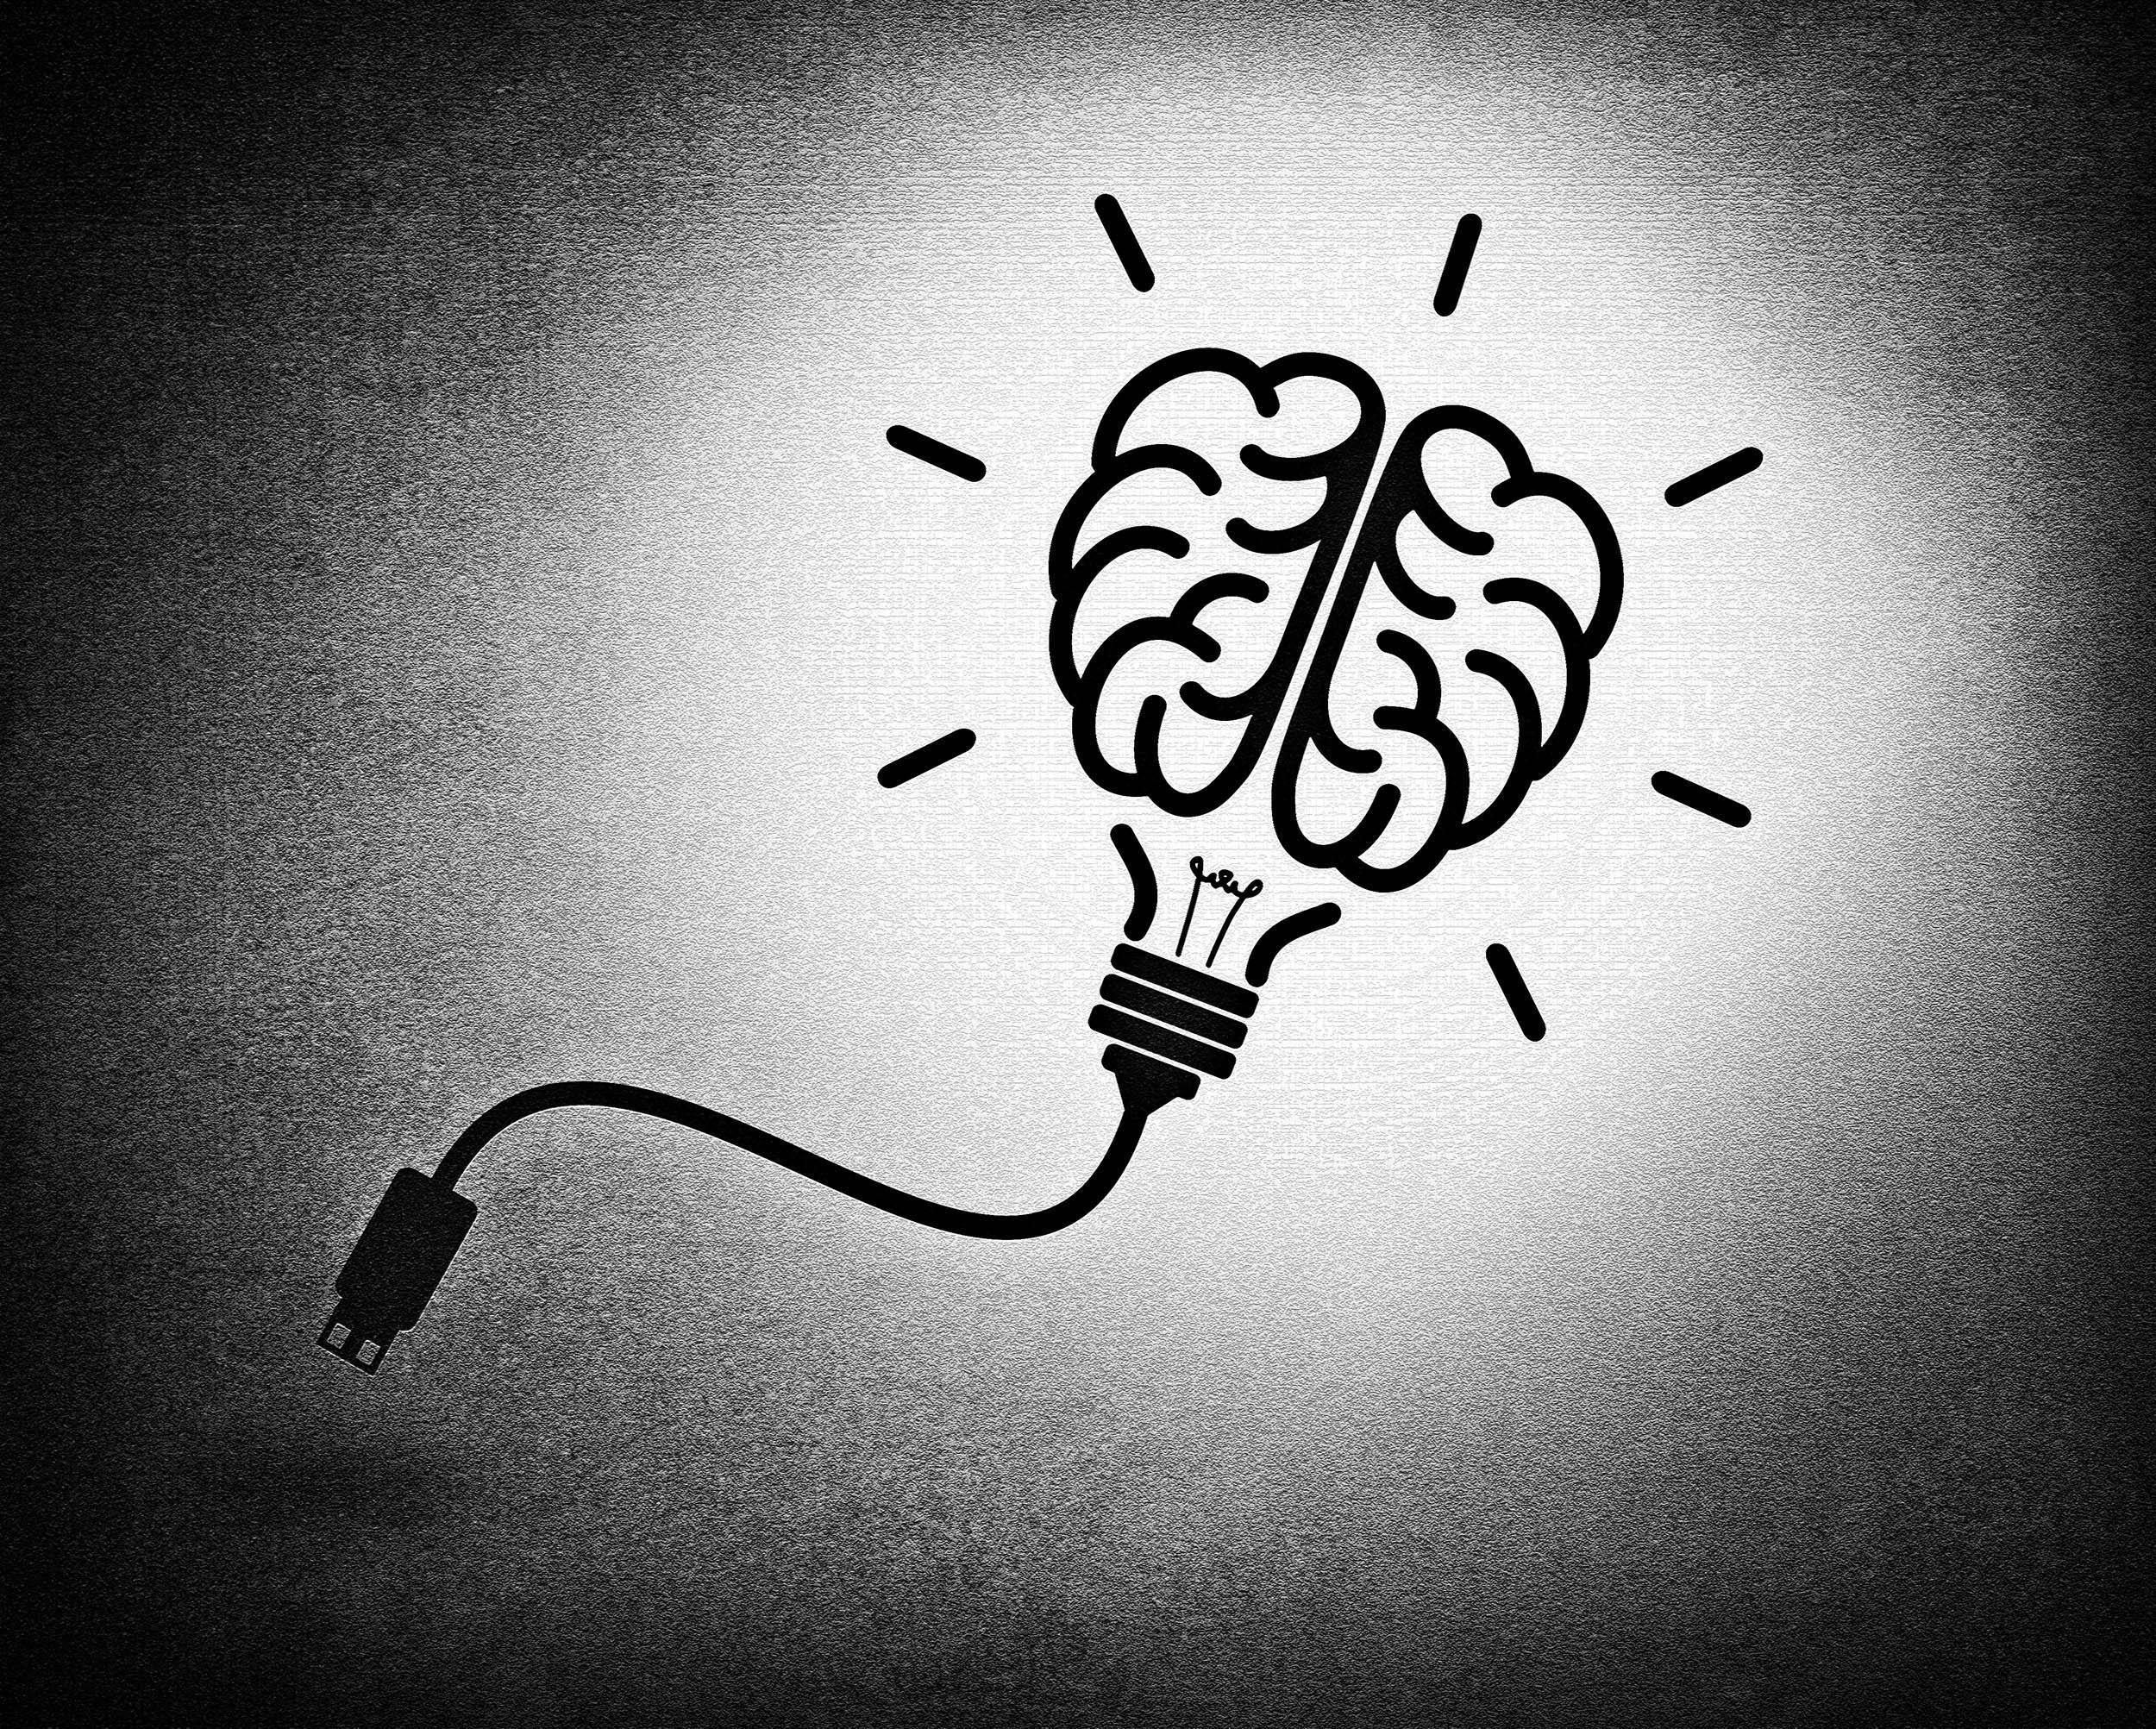 Creative brain idea concept photo